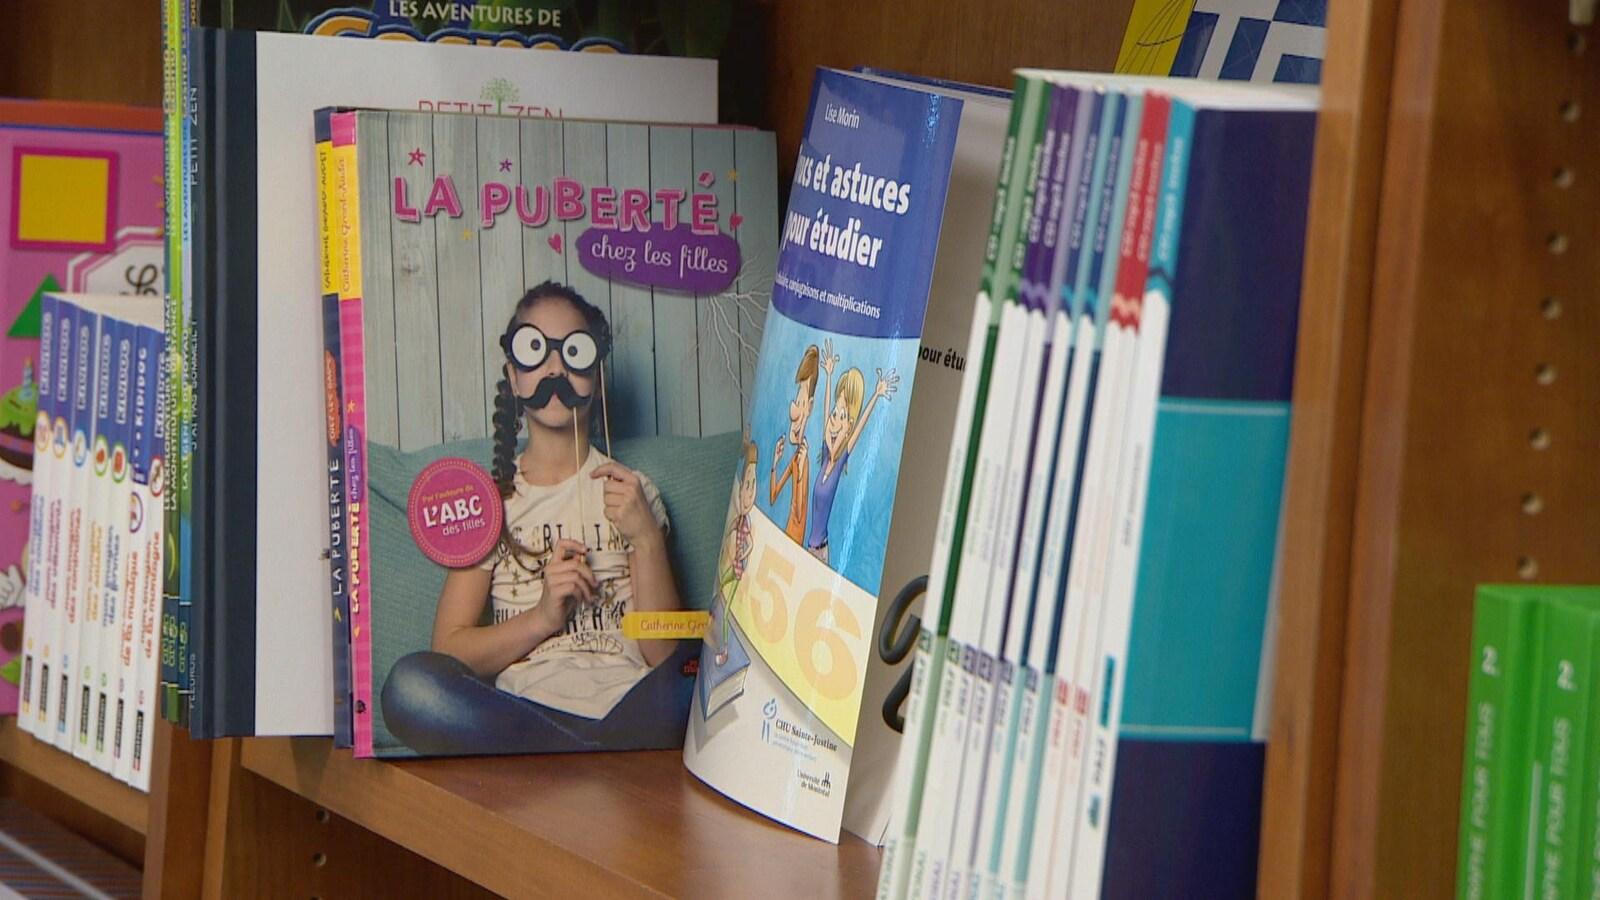 Des livres sur des tablettes d'une librairie.